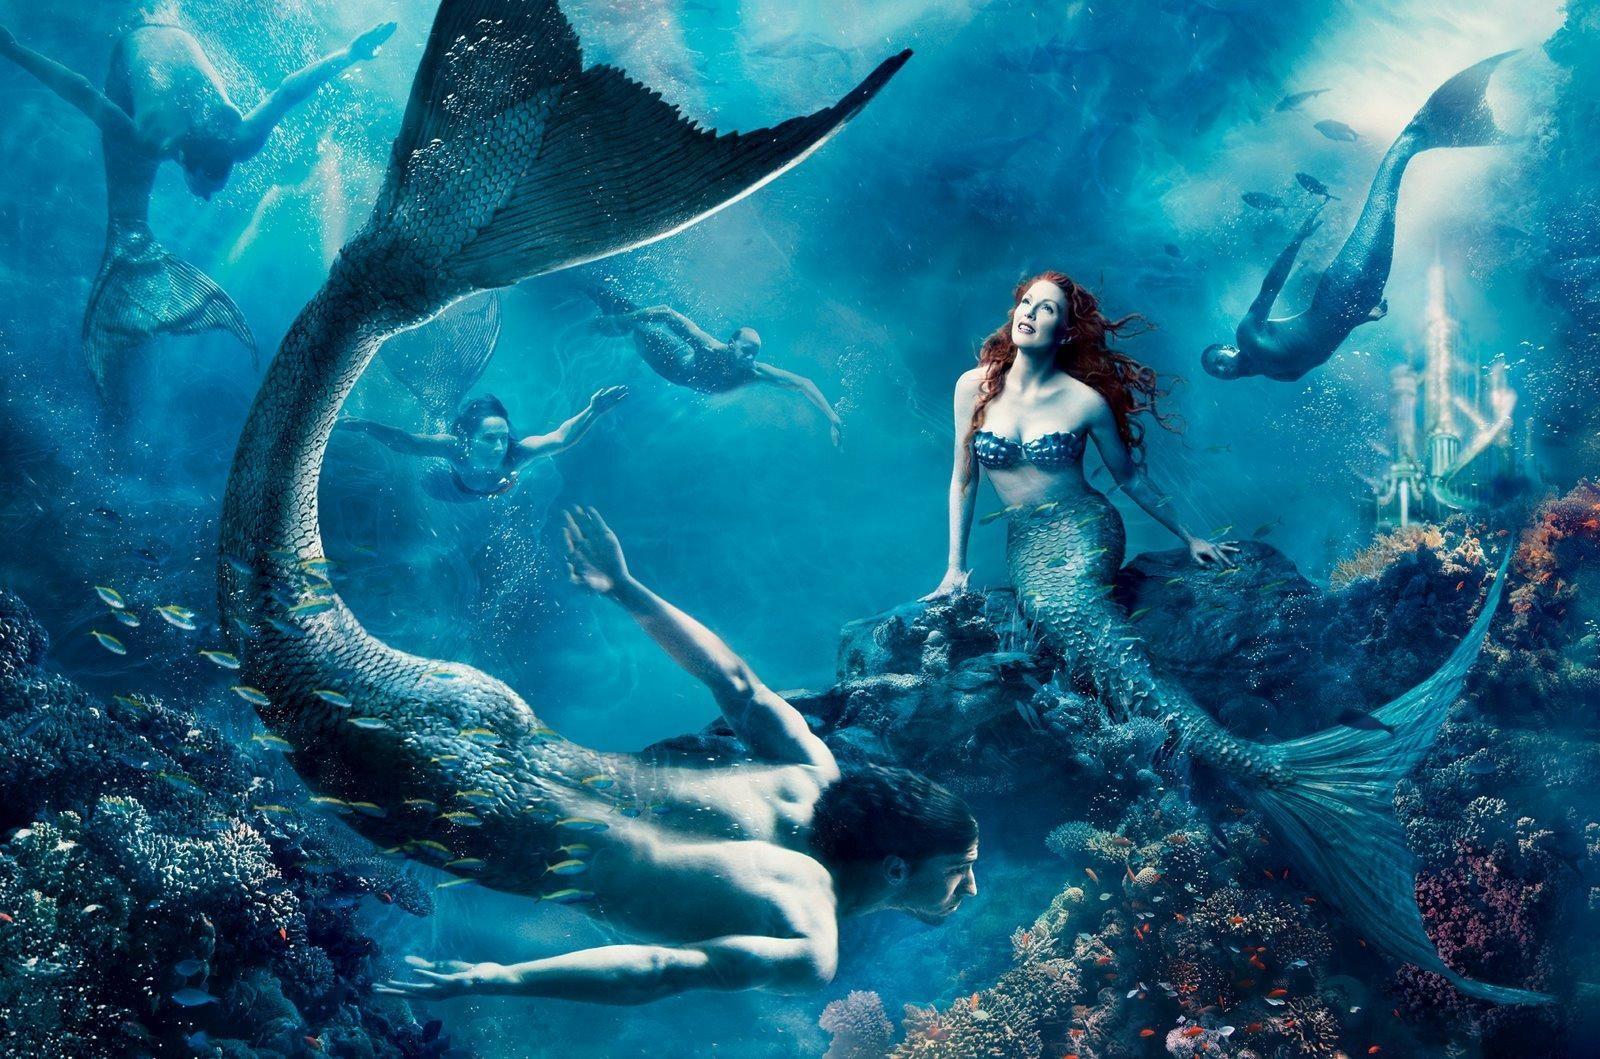 Fotos de la sirena encontrada en